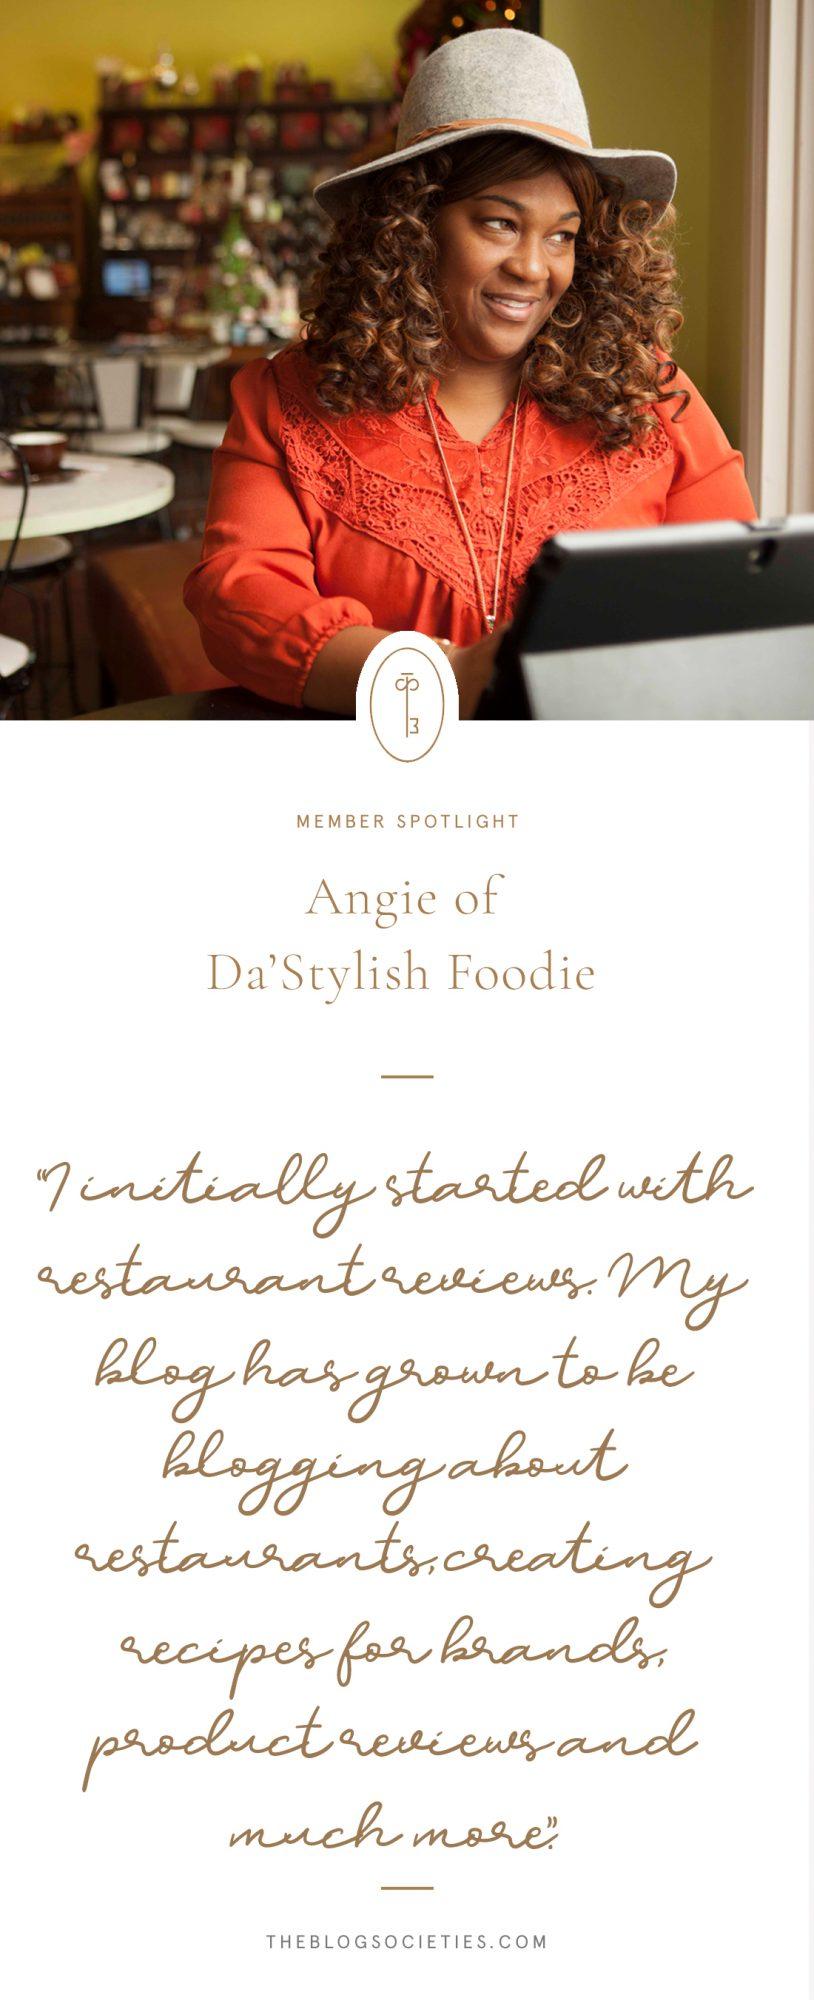 Da'Stylish Foodie